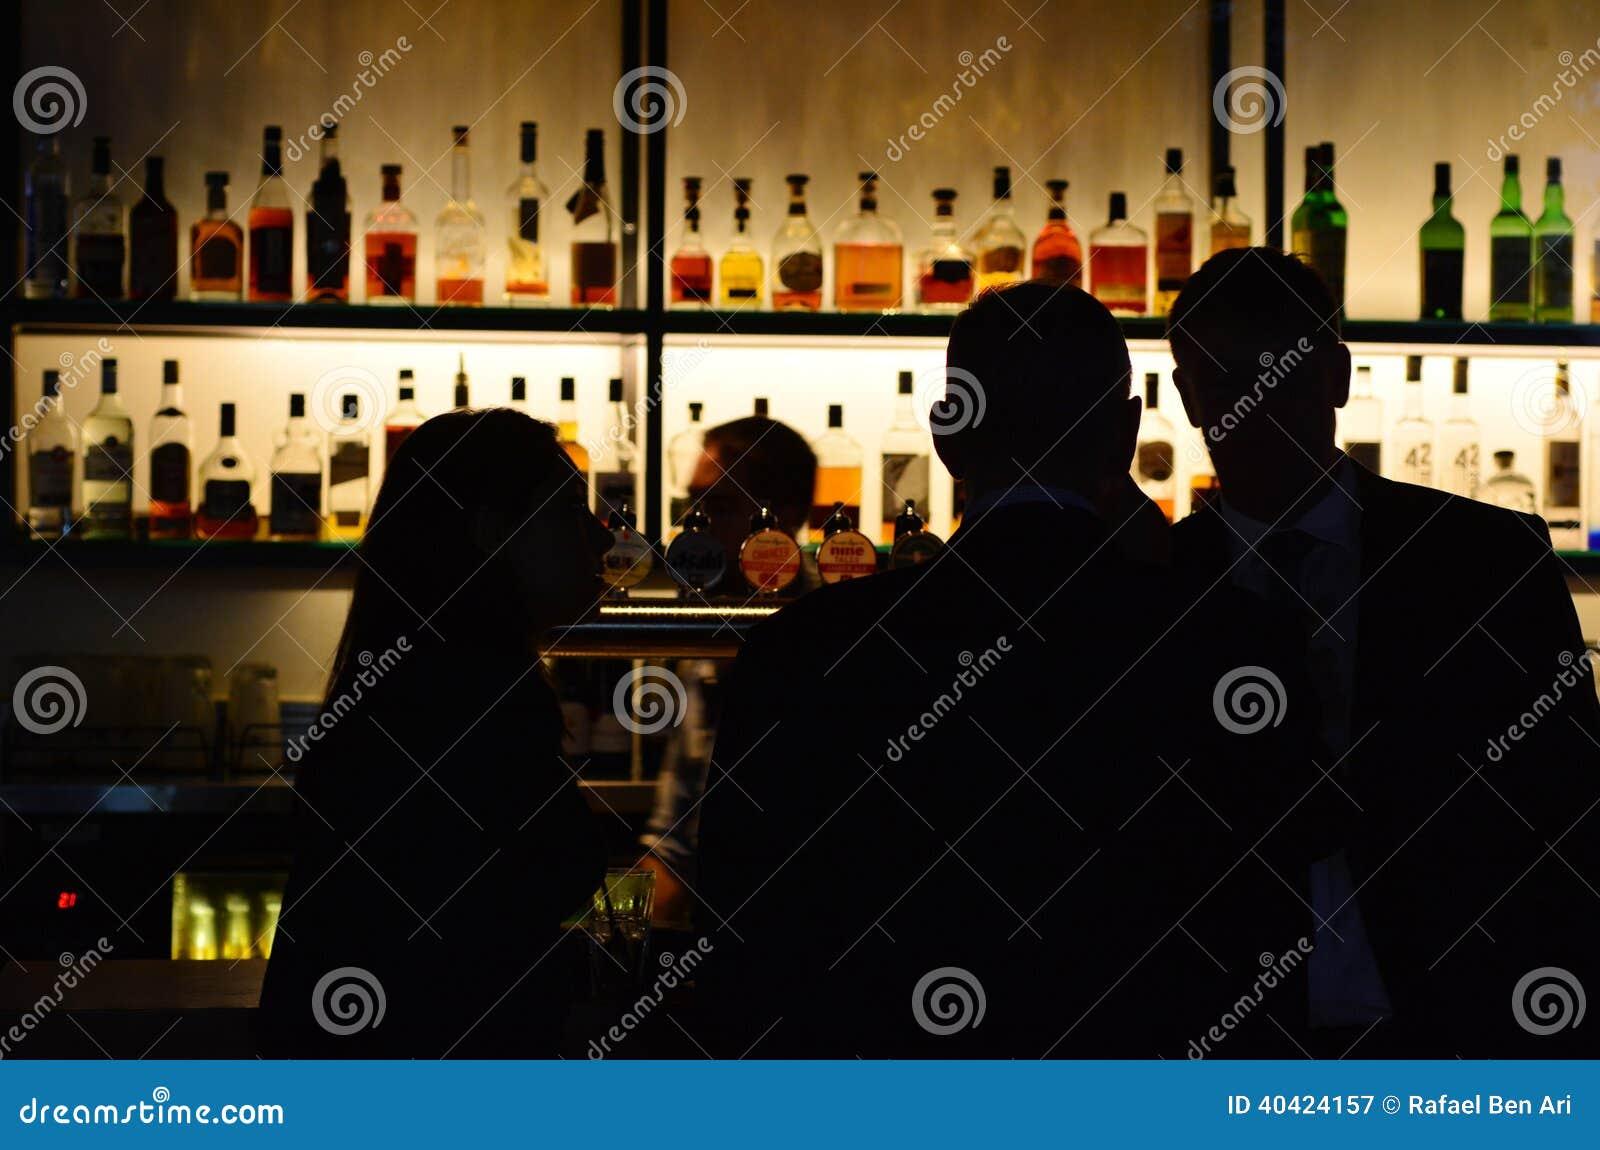 Australian people in a bar